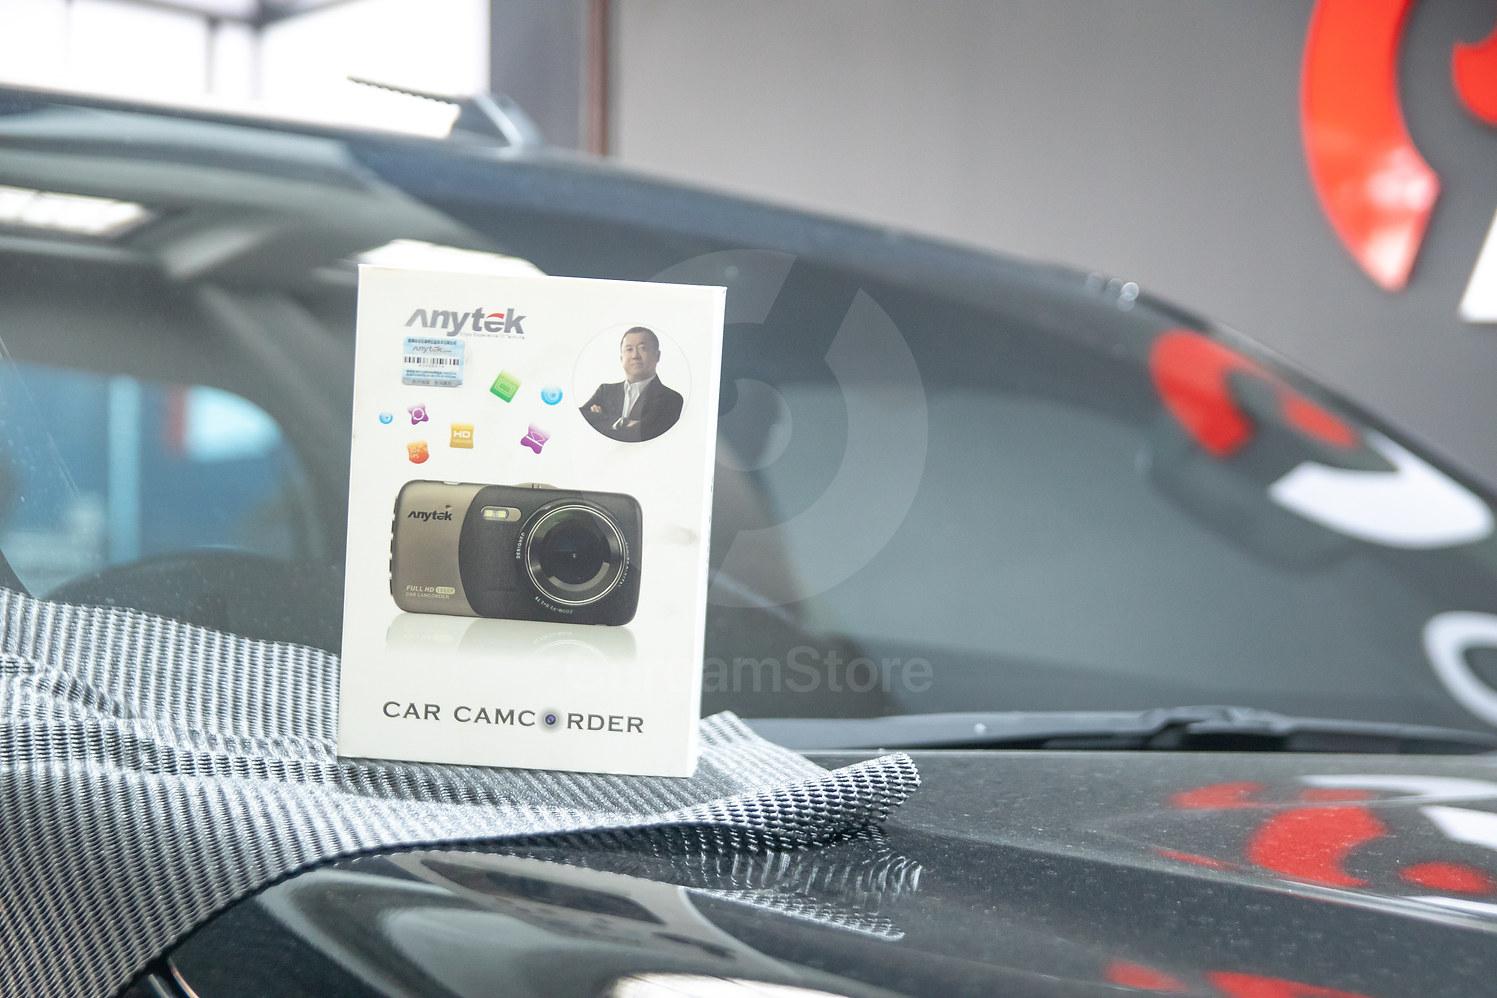 ตัวอย่างอุปกรณ์กล่องตัวกล้อง ของแท้ 100%